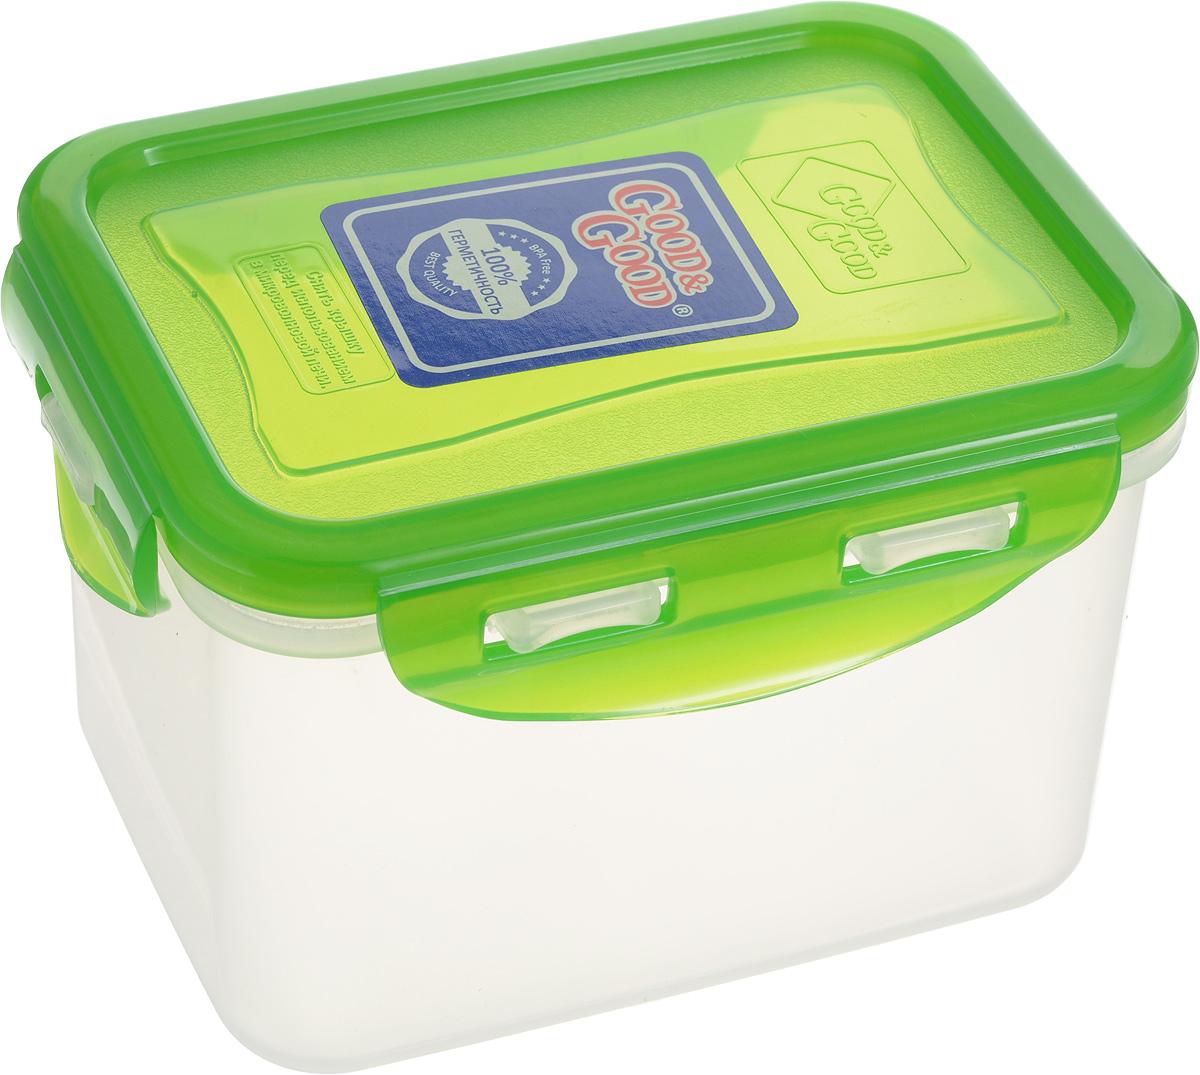 Контейнер пищевой Good&Good, цвет: зеленый, 630 мл. B/COL 02-221395599Прямоугольный контейнер Good&Good изготовлен извысококачественного полипропилена и предназначен дляхранения любых пищевых продуктов. Благодаря особымтехнологиям изготовления, лотки в течение временислужбы не меняют цвет и не пропитываются запахами. Крышкас силиконовой вставкой герметично защелкиваетсяспециальным механизмом. Контейнер Good&Good удобен для ежедневногоиспользования в быту.Можно мыть в посудомоечной машине и использовать вмикроволновой печи.Размер контейнера (с учетом крышки): 13 х 9,5 х 8,5 см.